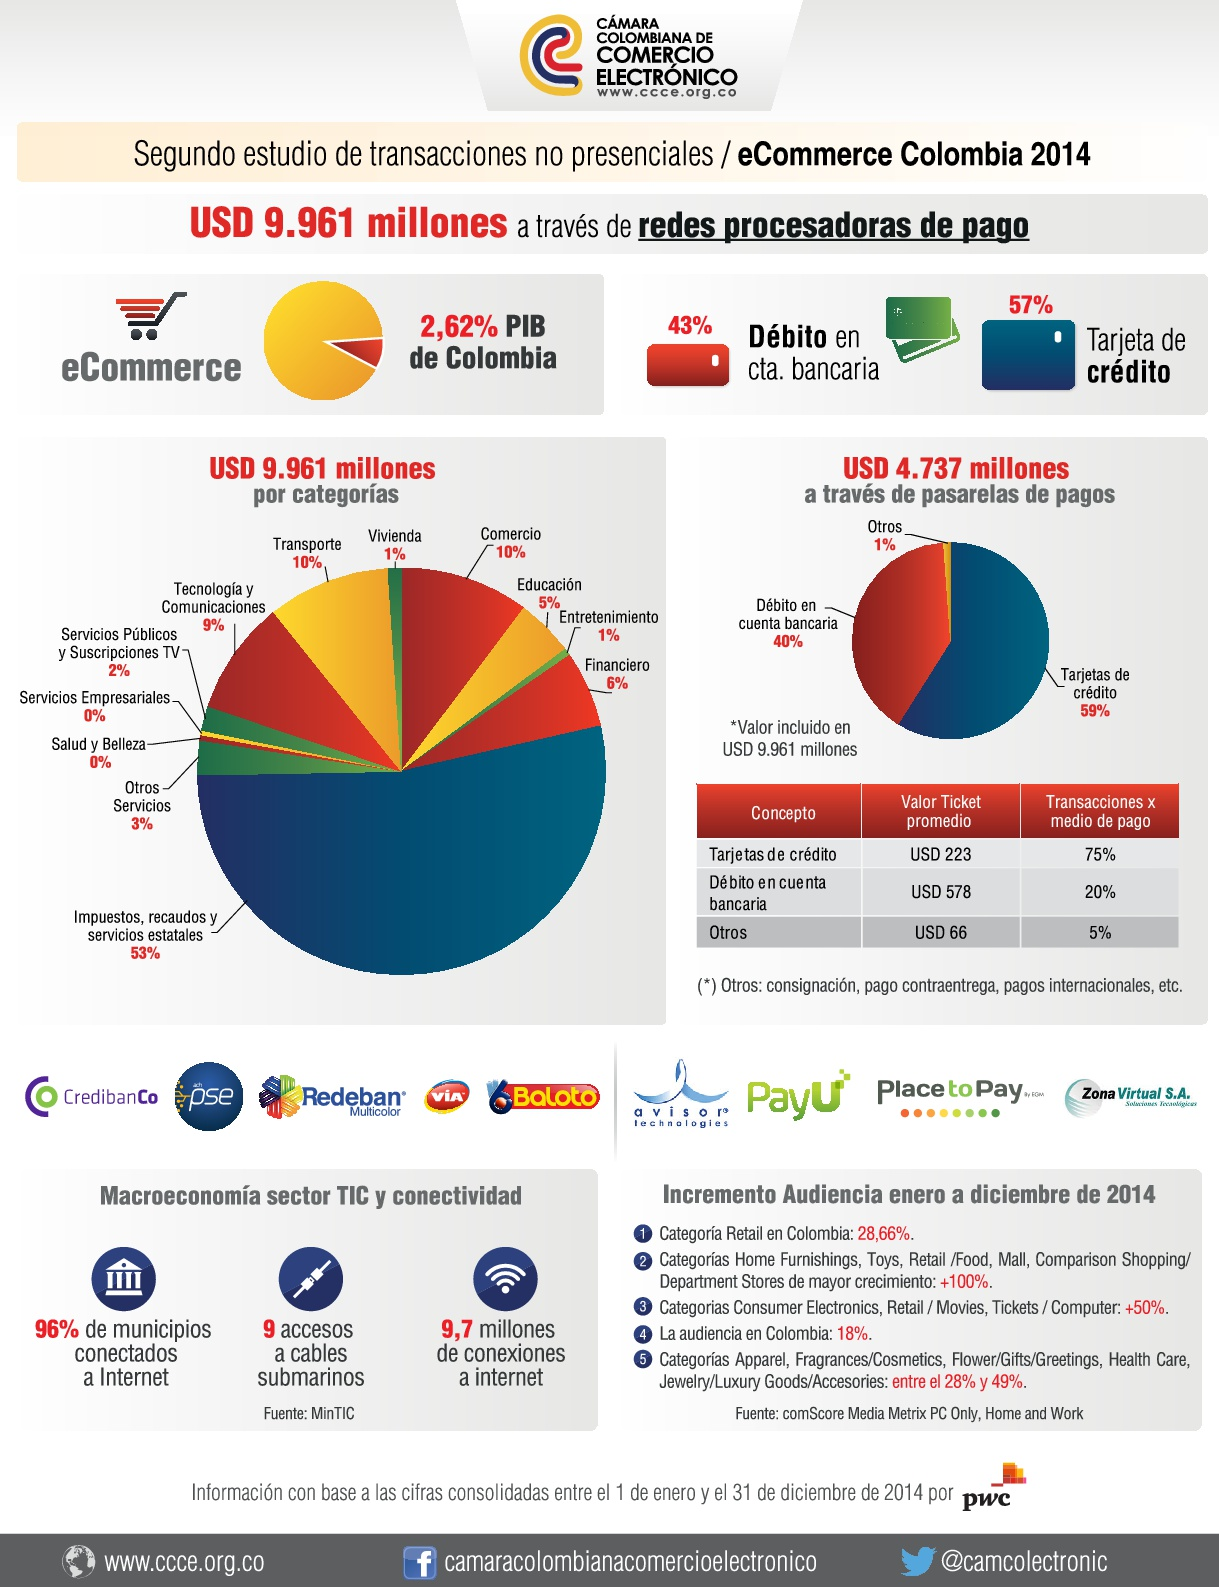 Segundo estudio de transacciones no presenciales en Colombia 2014